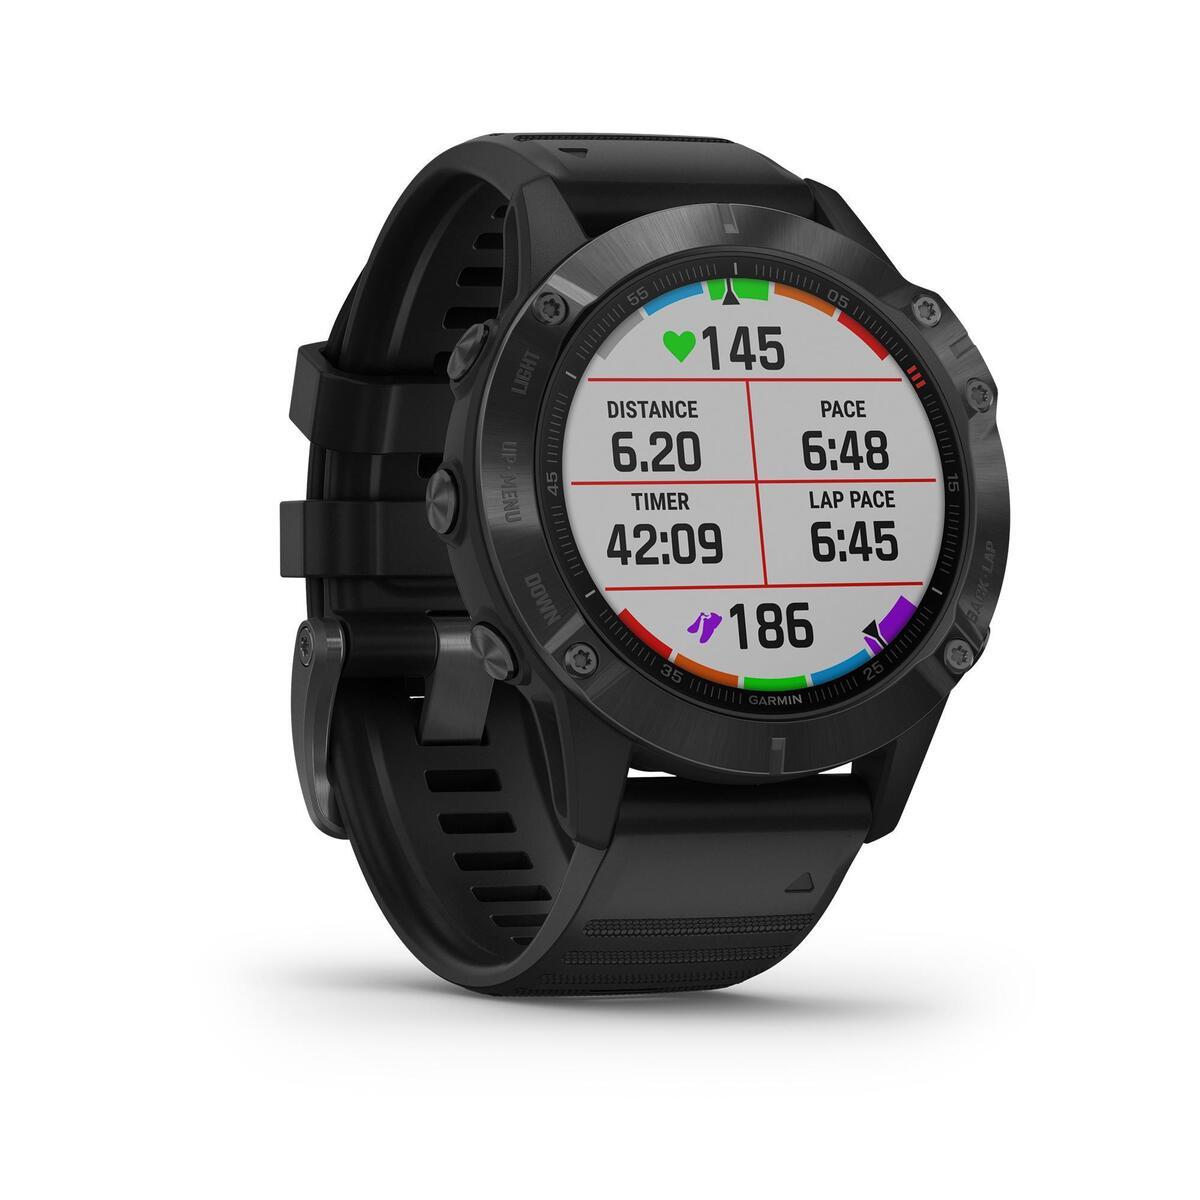 Bild 2 von GPS-Multisportuhr Fenix 6 Pro grau schwarzes Armband